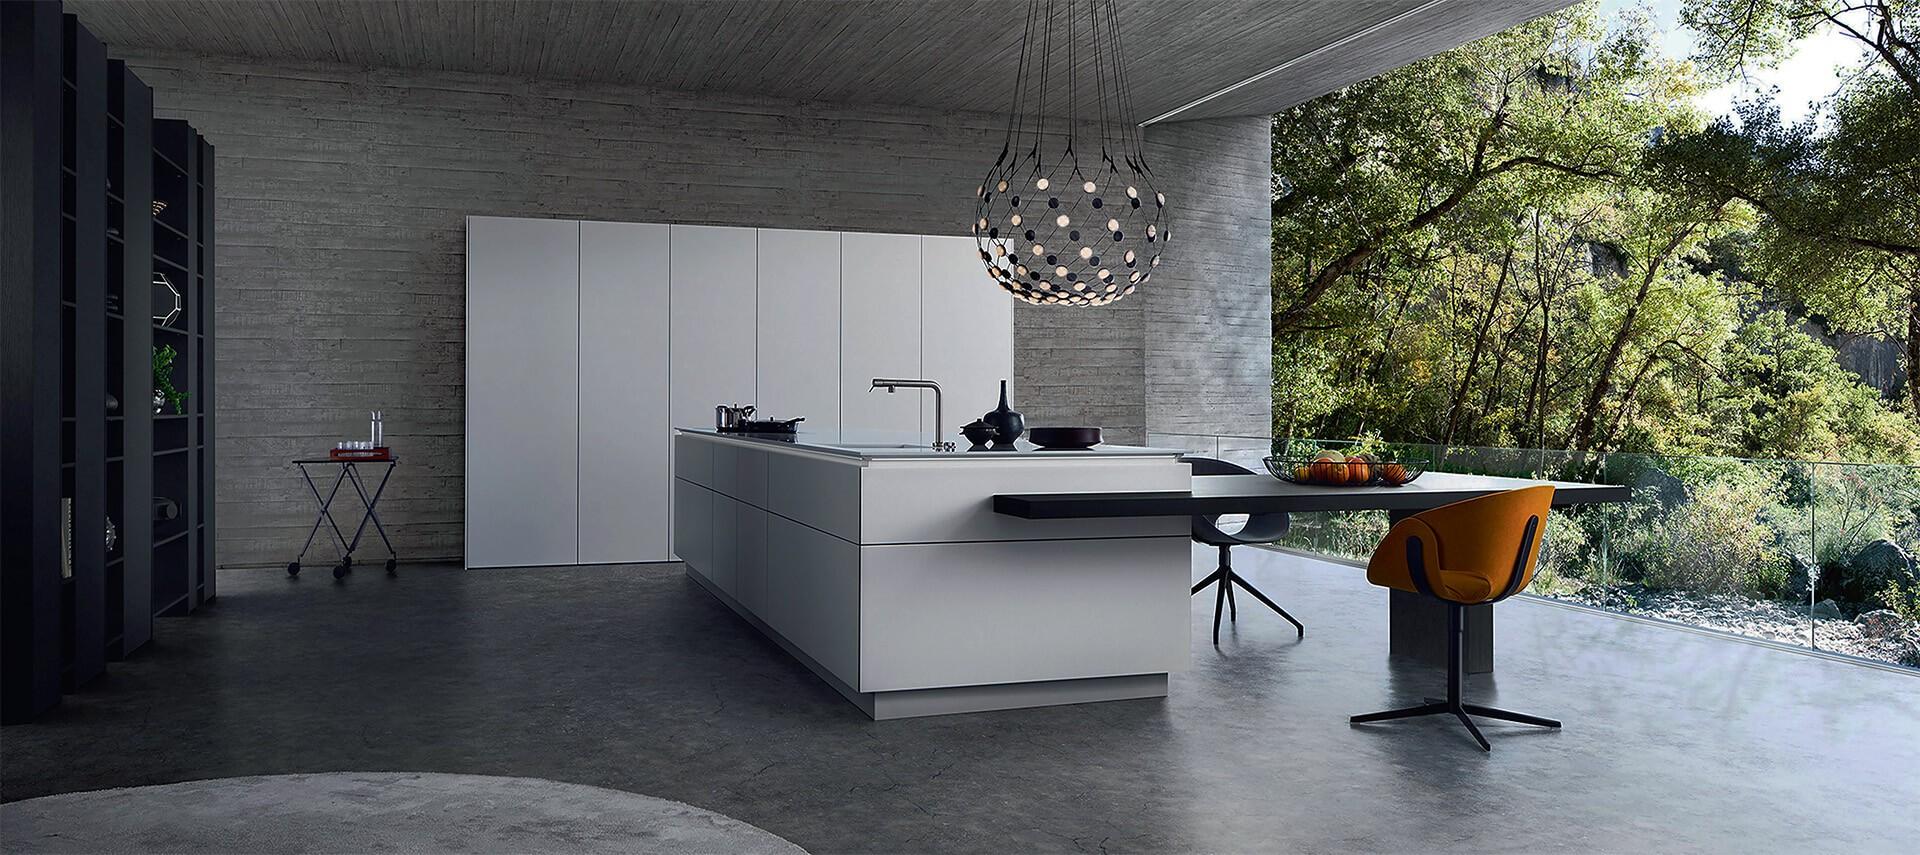 1 - Küchen Riedle - 2021-04